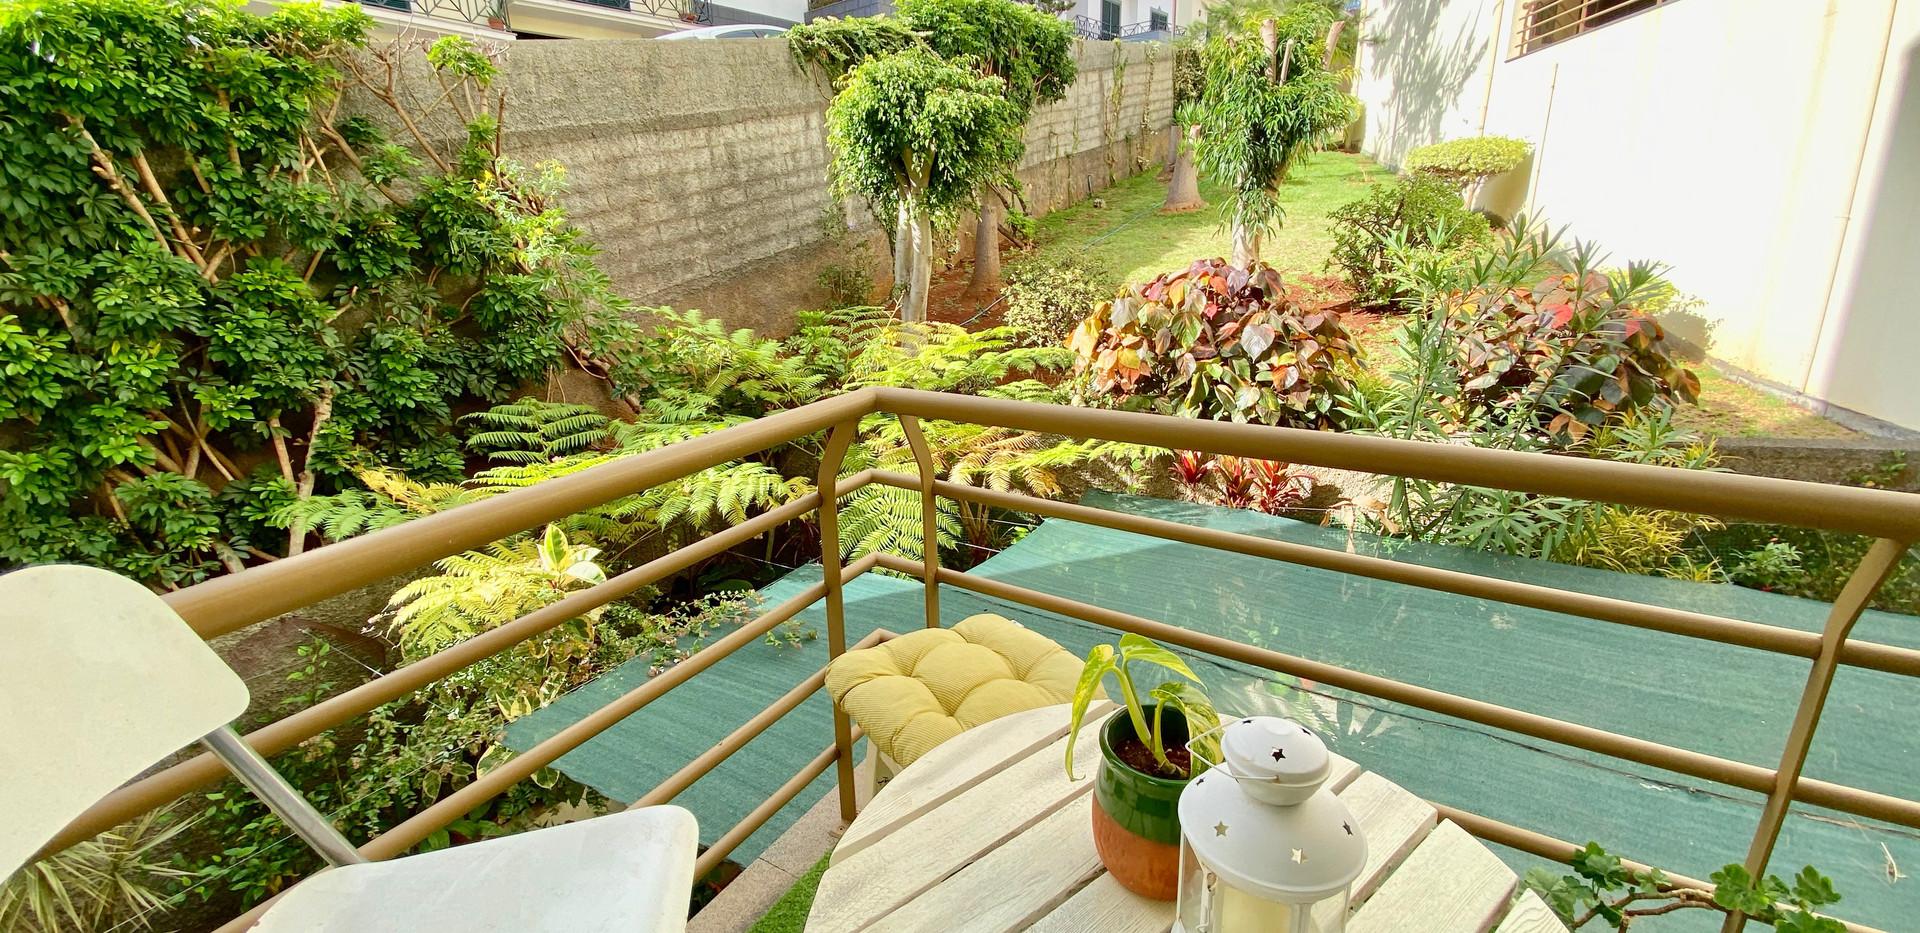 First veranda Facing The Garden